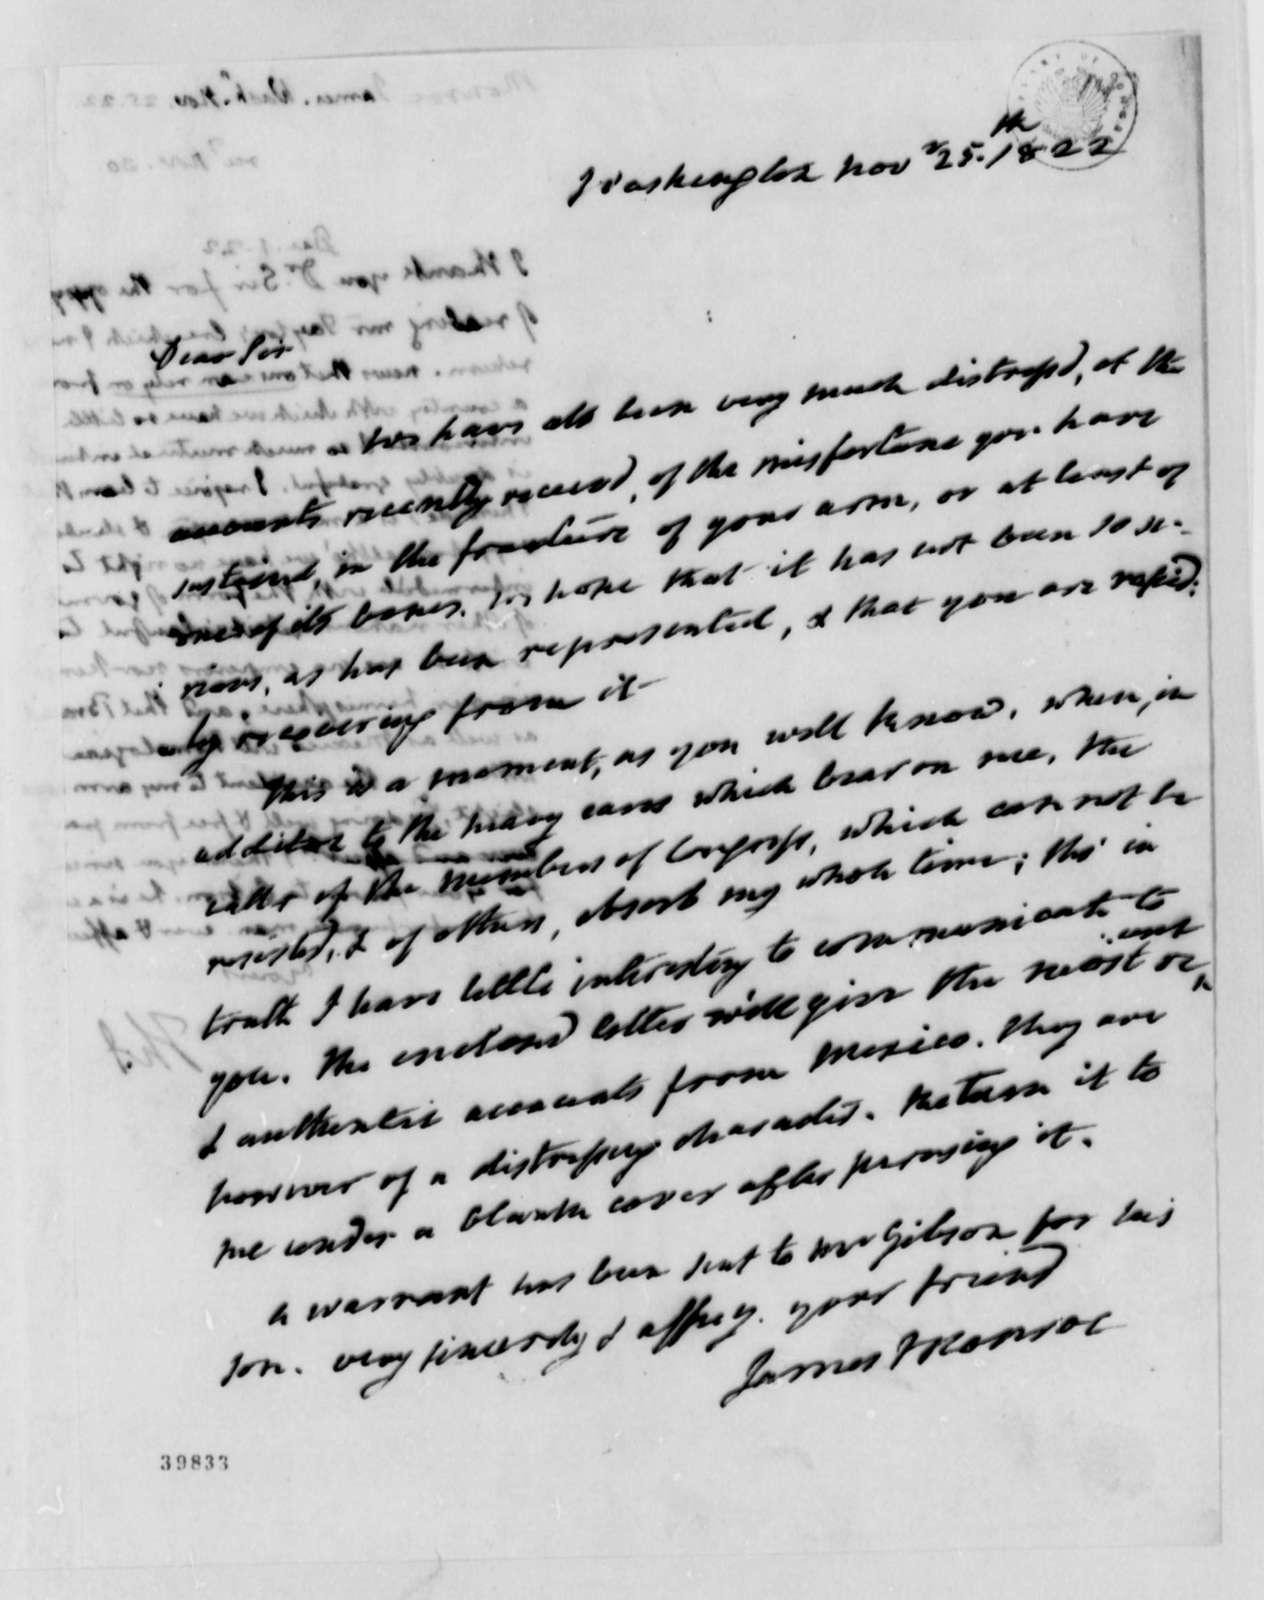 James Monroe to Thomas Jefferson, November 25, 1822